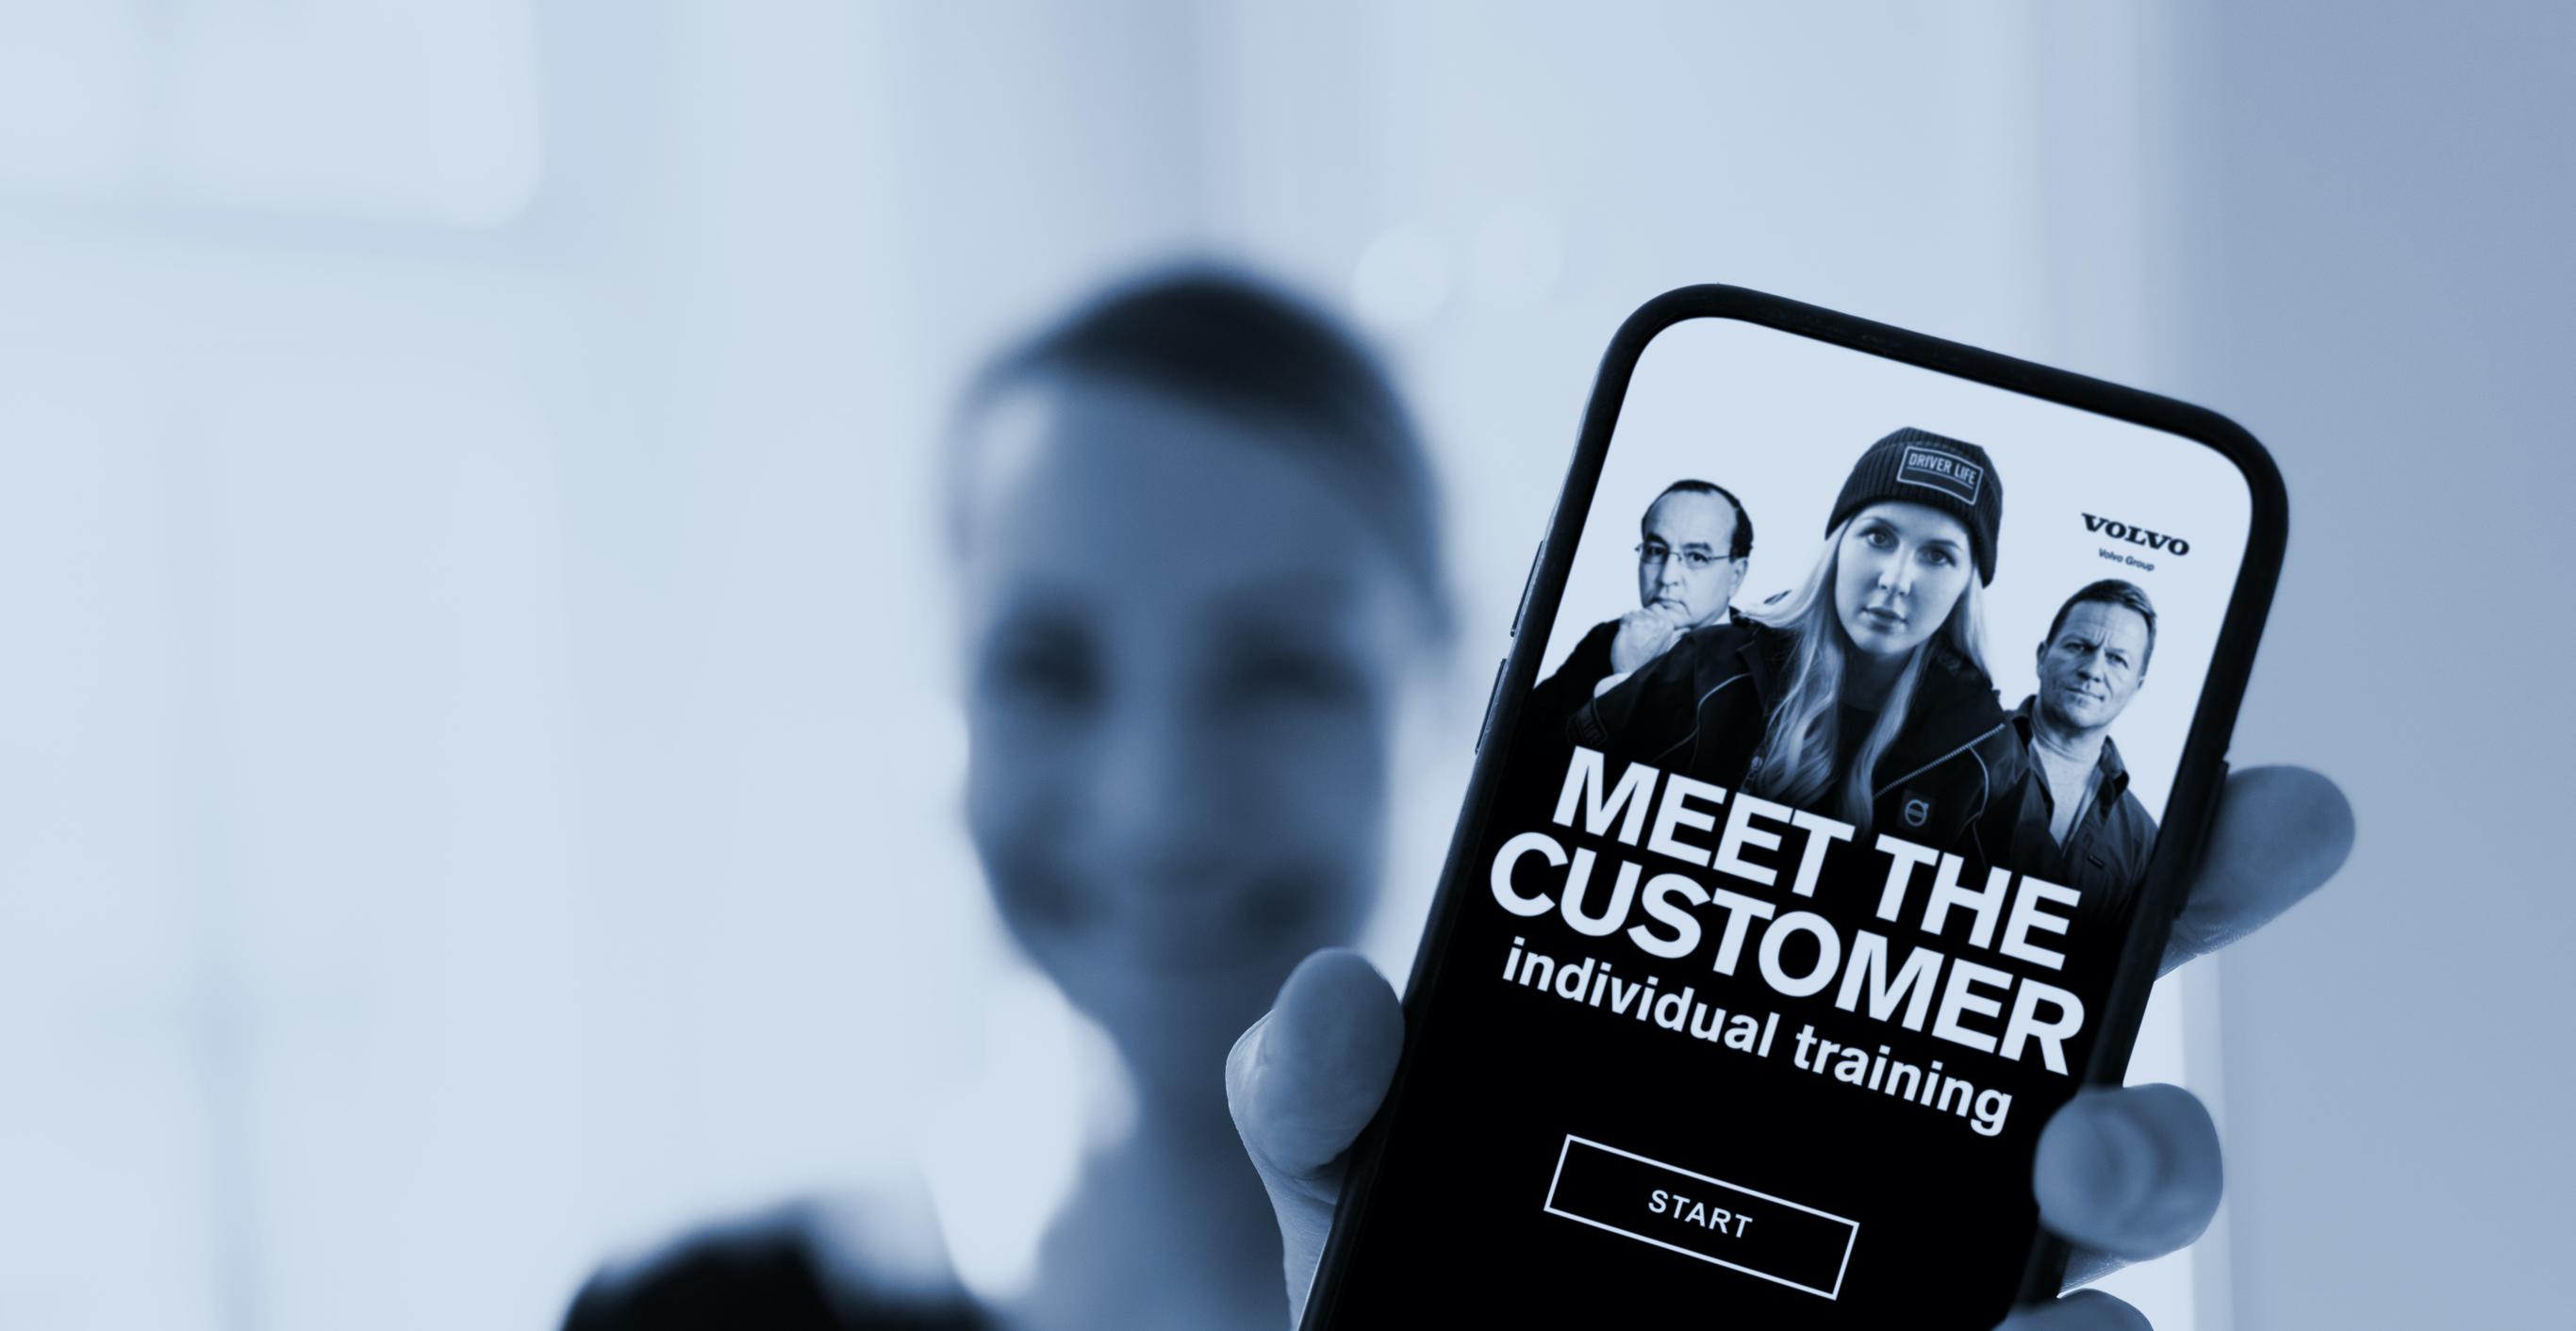 meet_the_customer_1